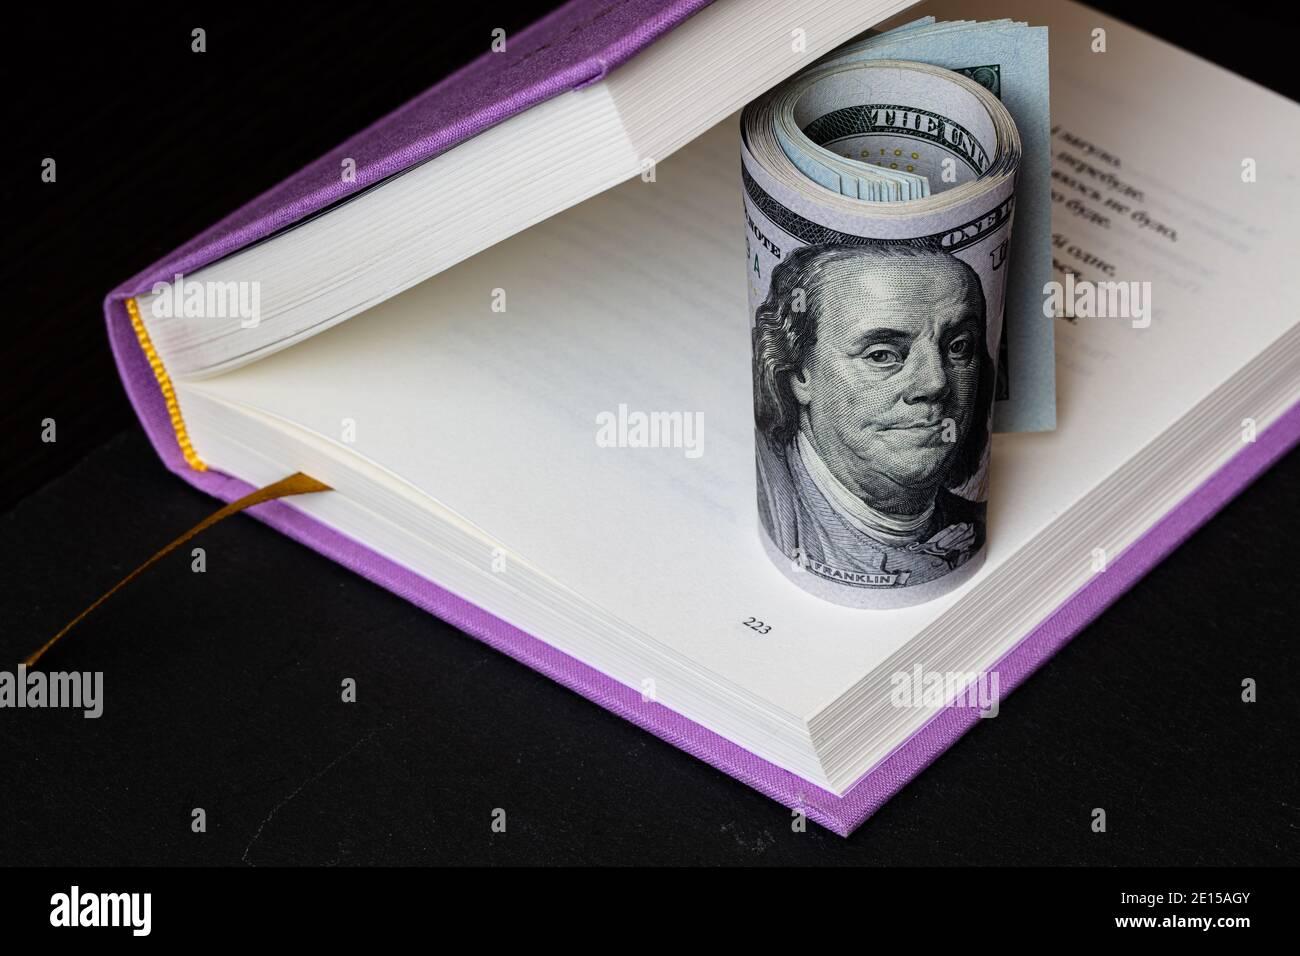 rollo de billetes de 100 dólares en libro violeta Foto de stock